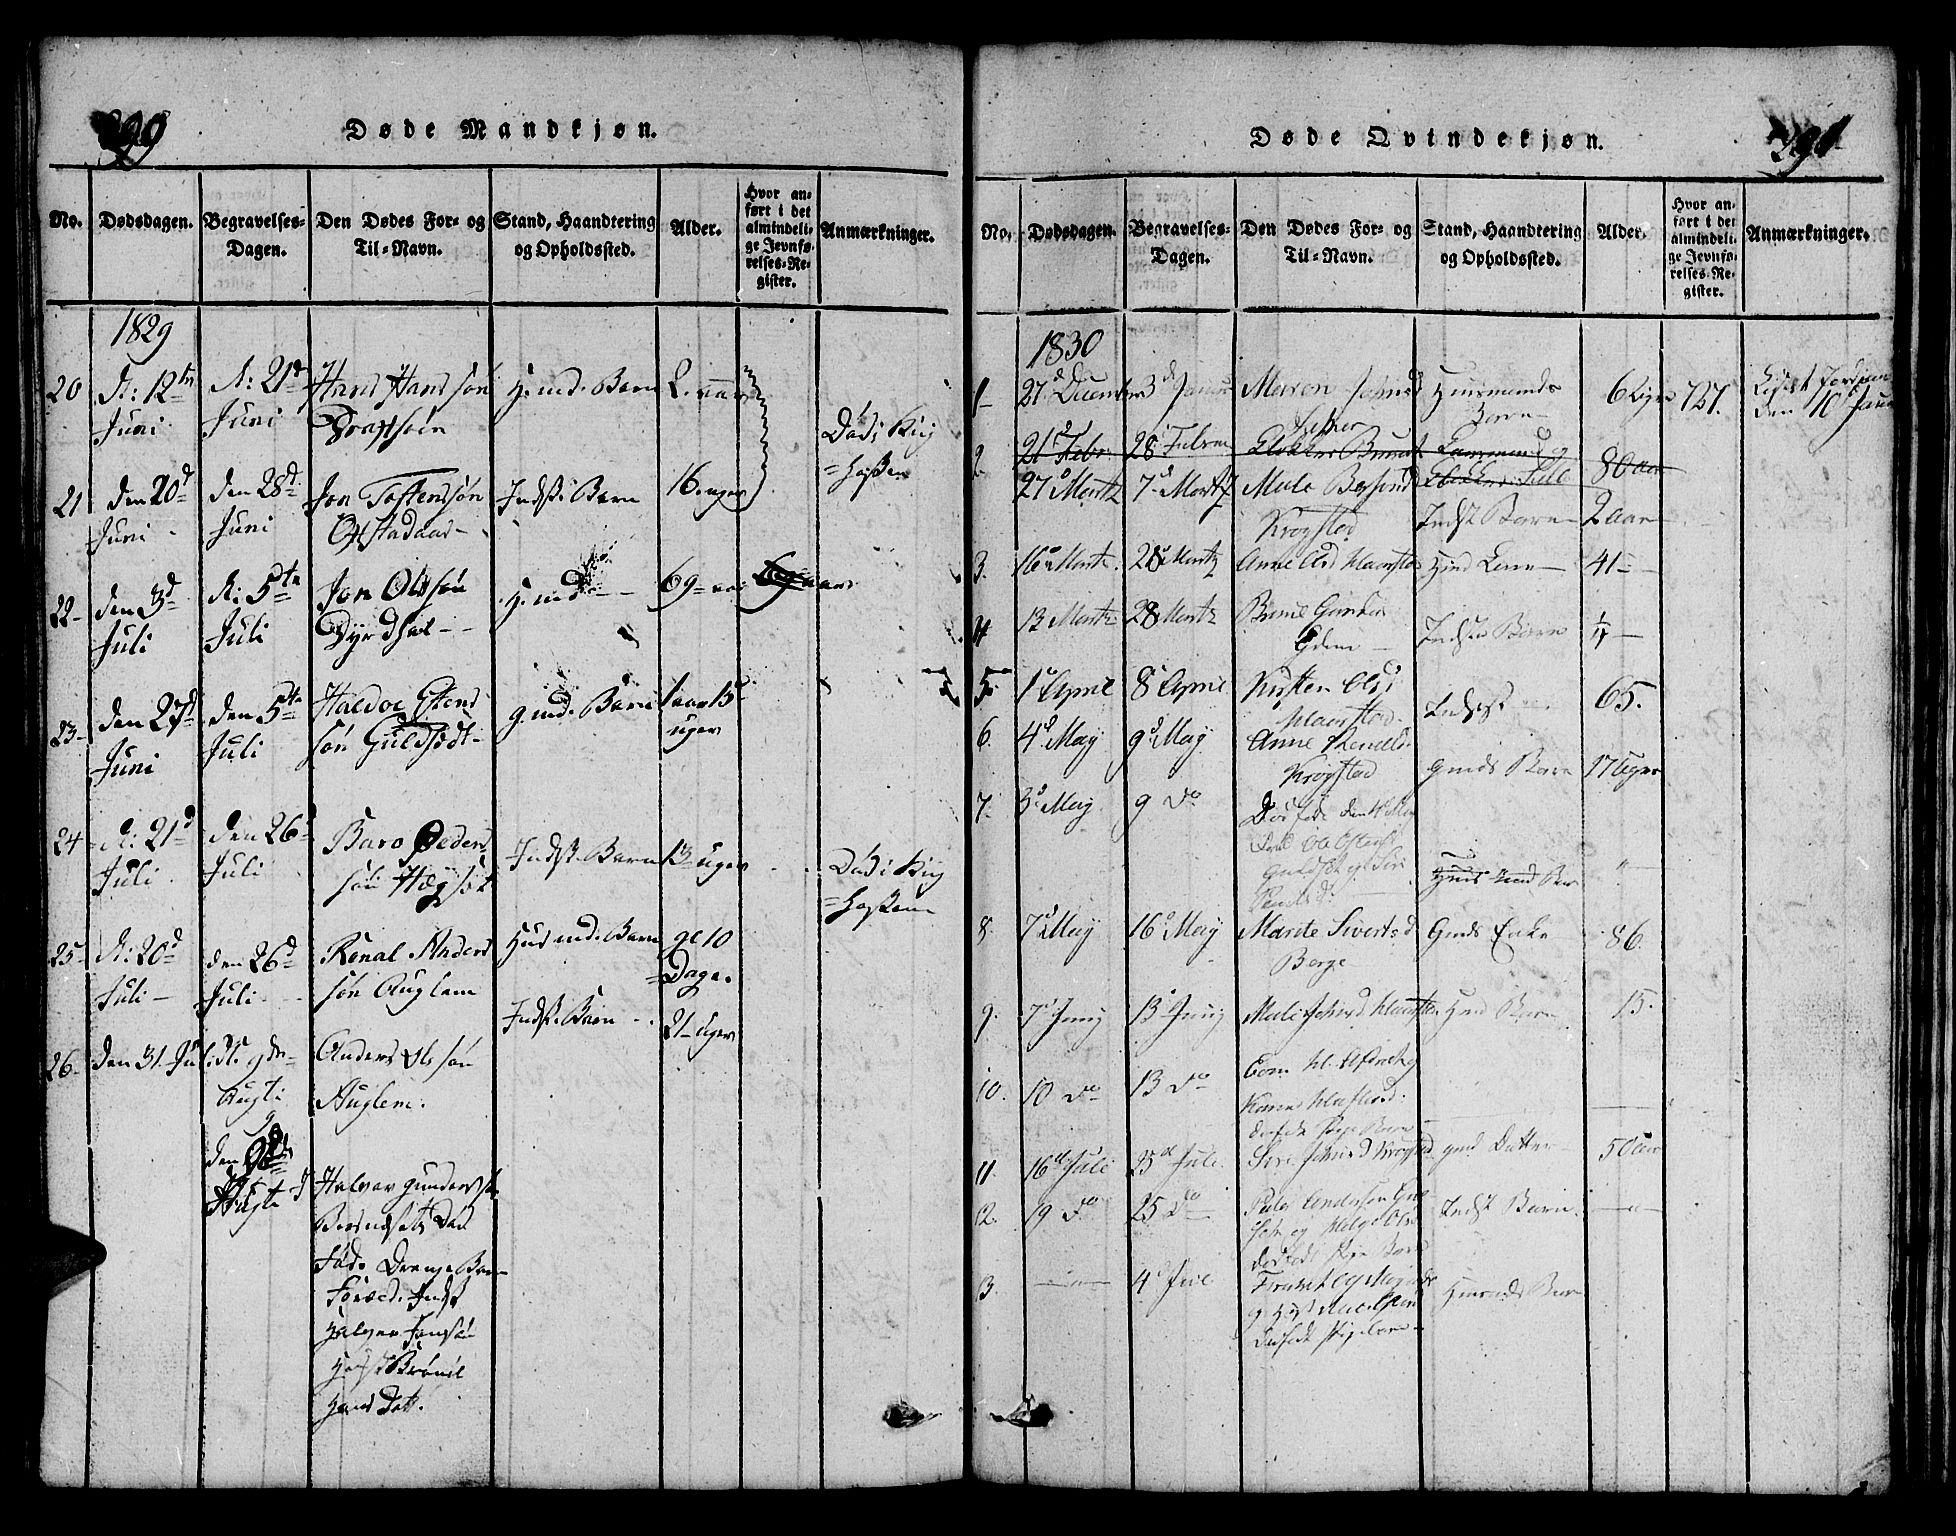 SAT, Ministerialprotokoller, klokkerbøker og fødselsregistre - Sør-Trøndelag, 695/L1152: Klokkerbok nr. 695C03, 1816-1831, s. 290-291